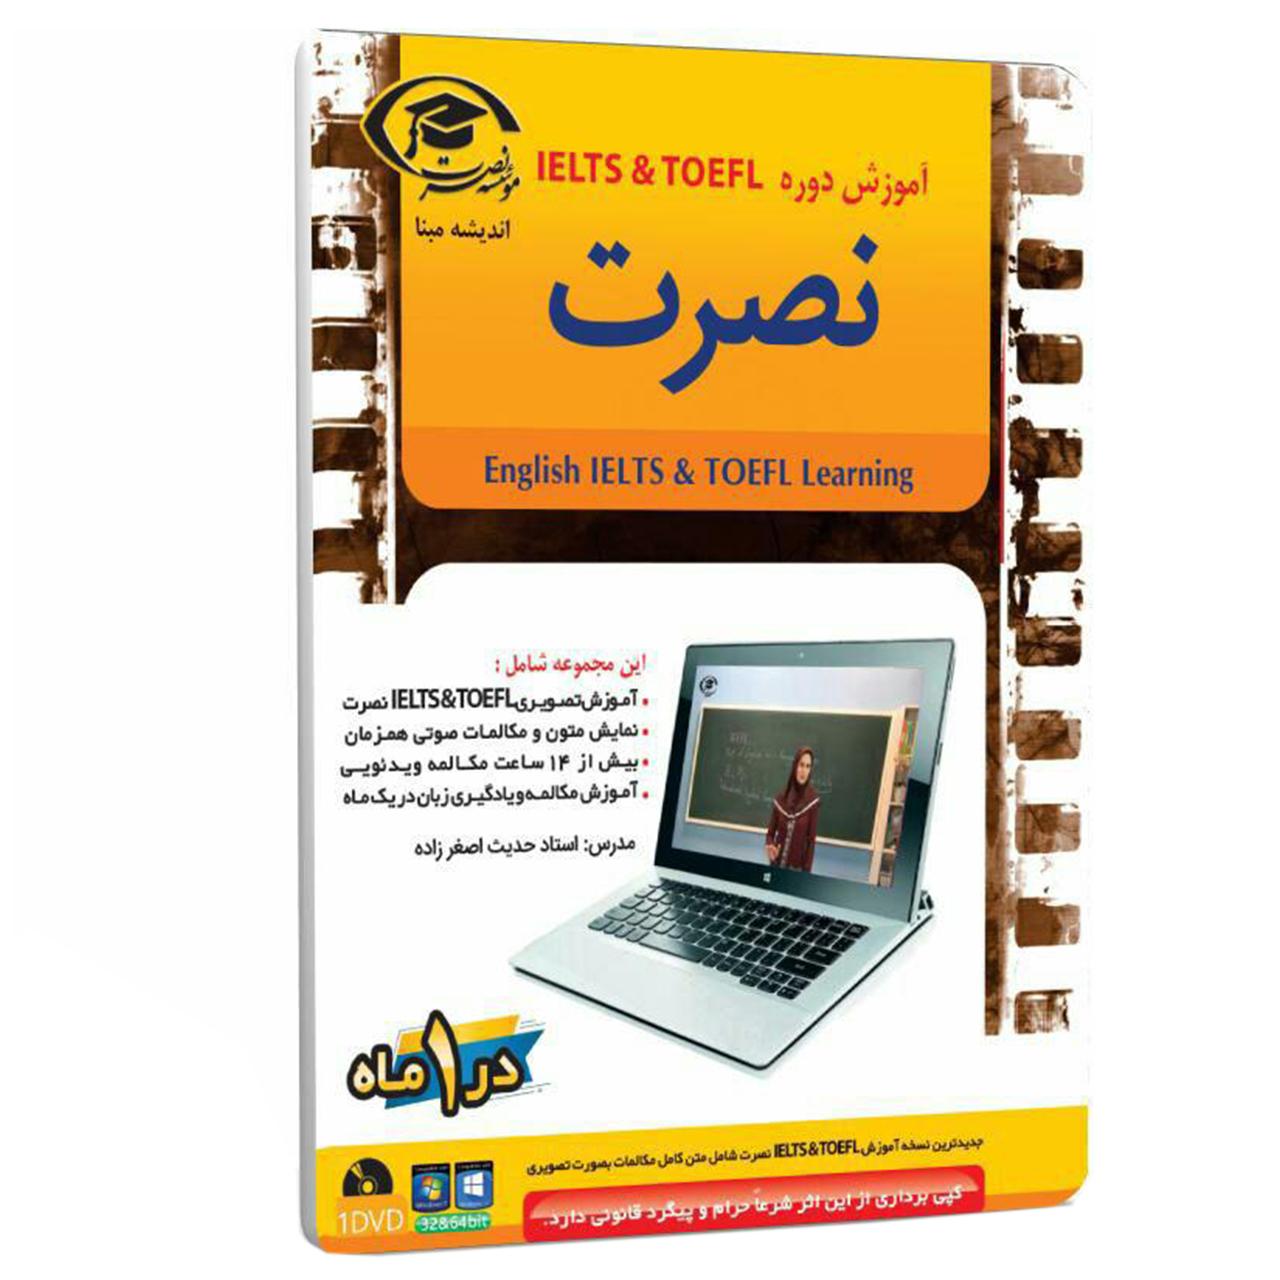 آموزش دوره IELTS & TOEFL نصرت اندیشه مبنا مناسب برای کامپیوتر